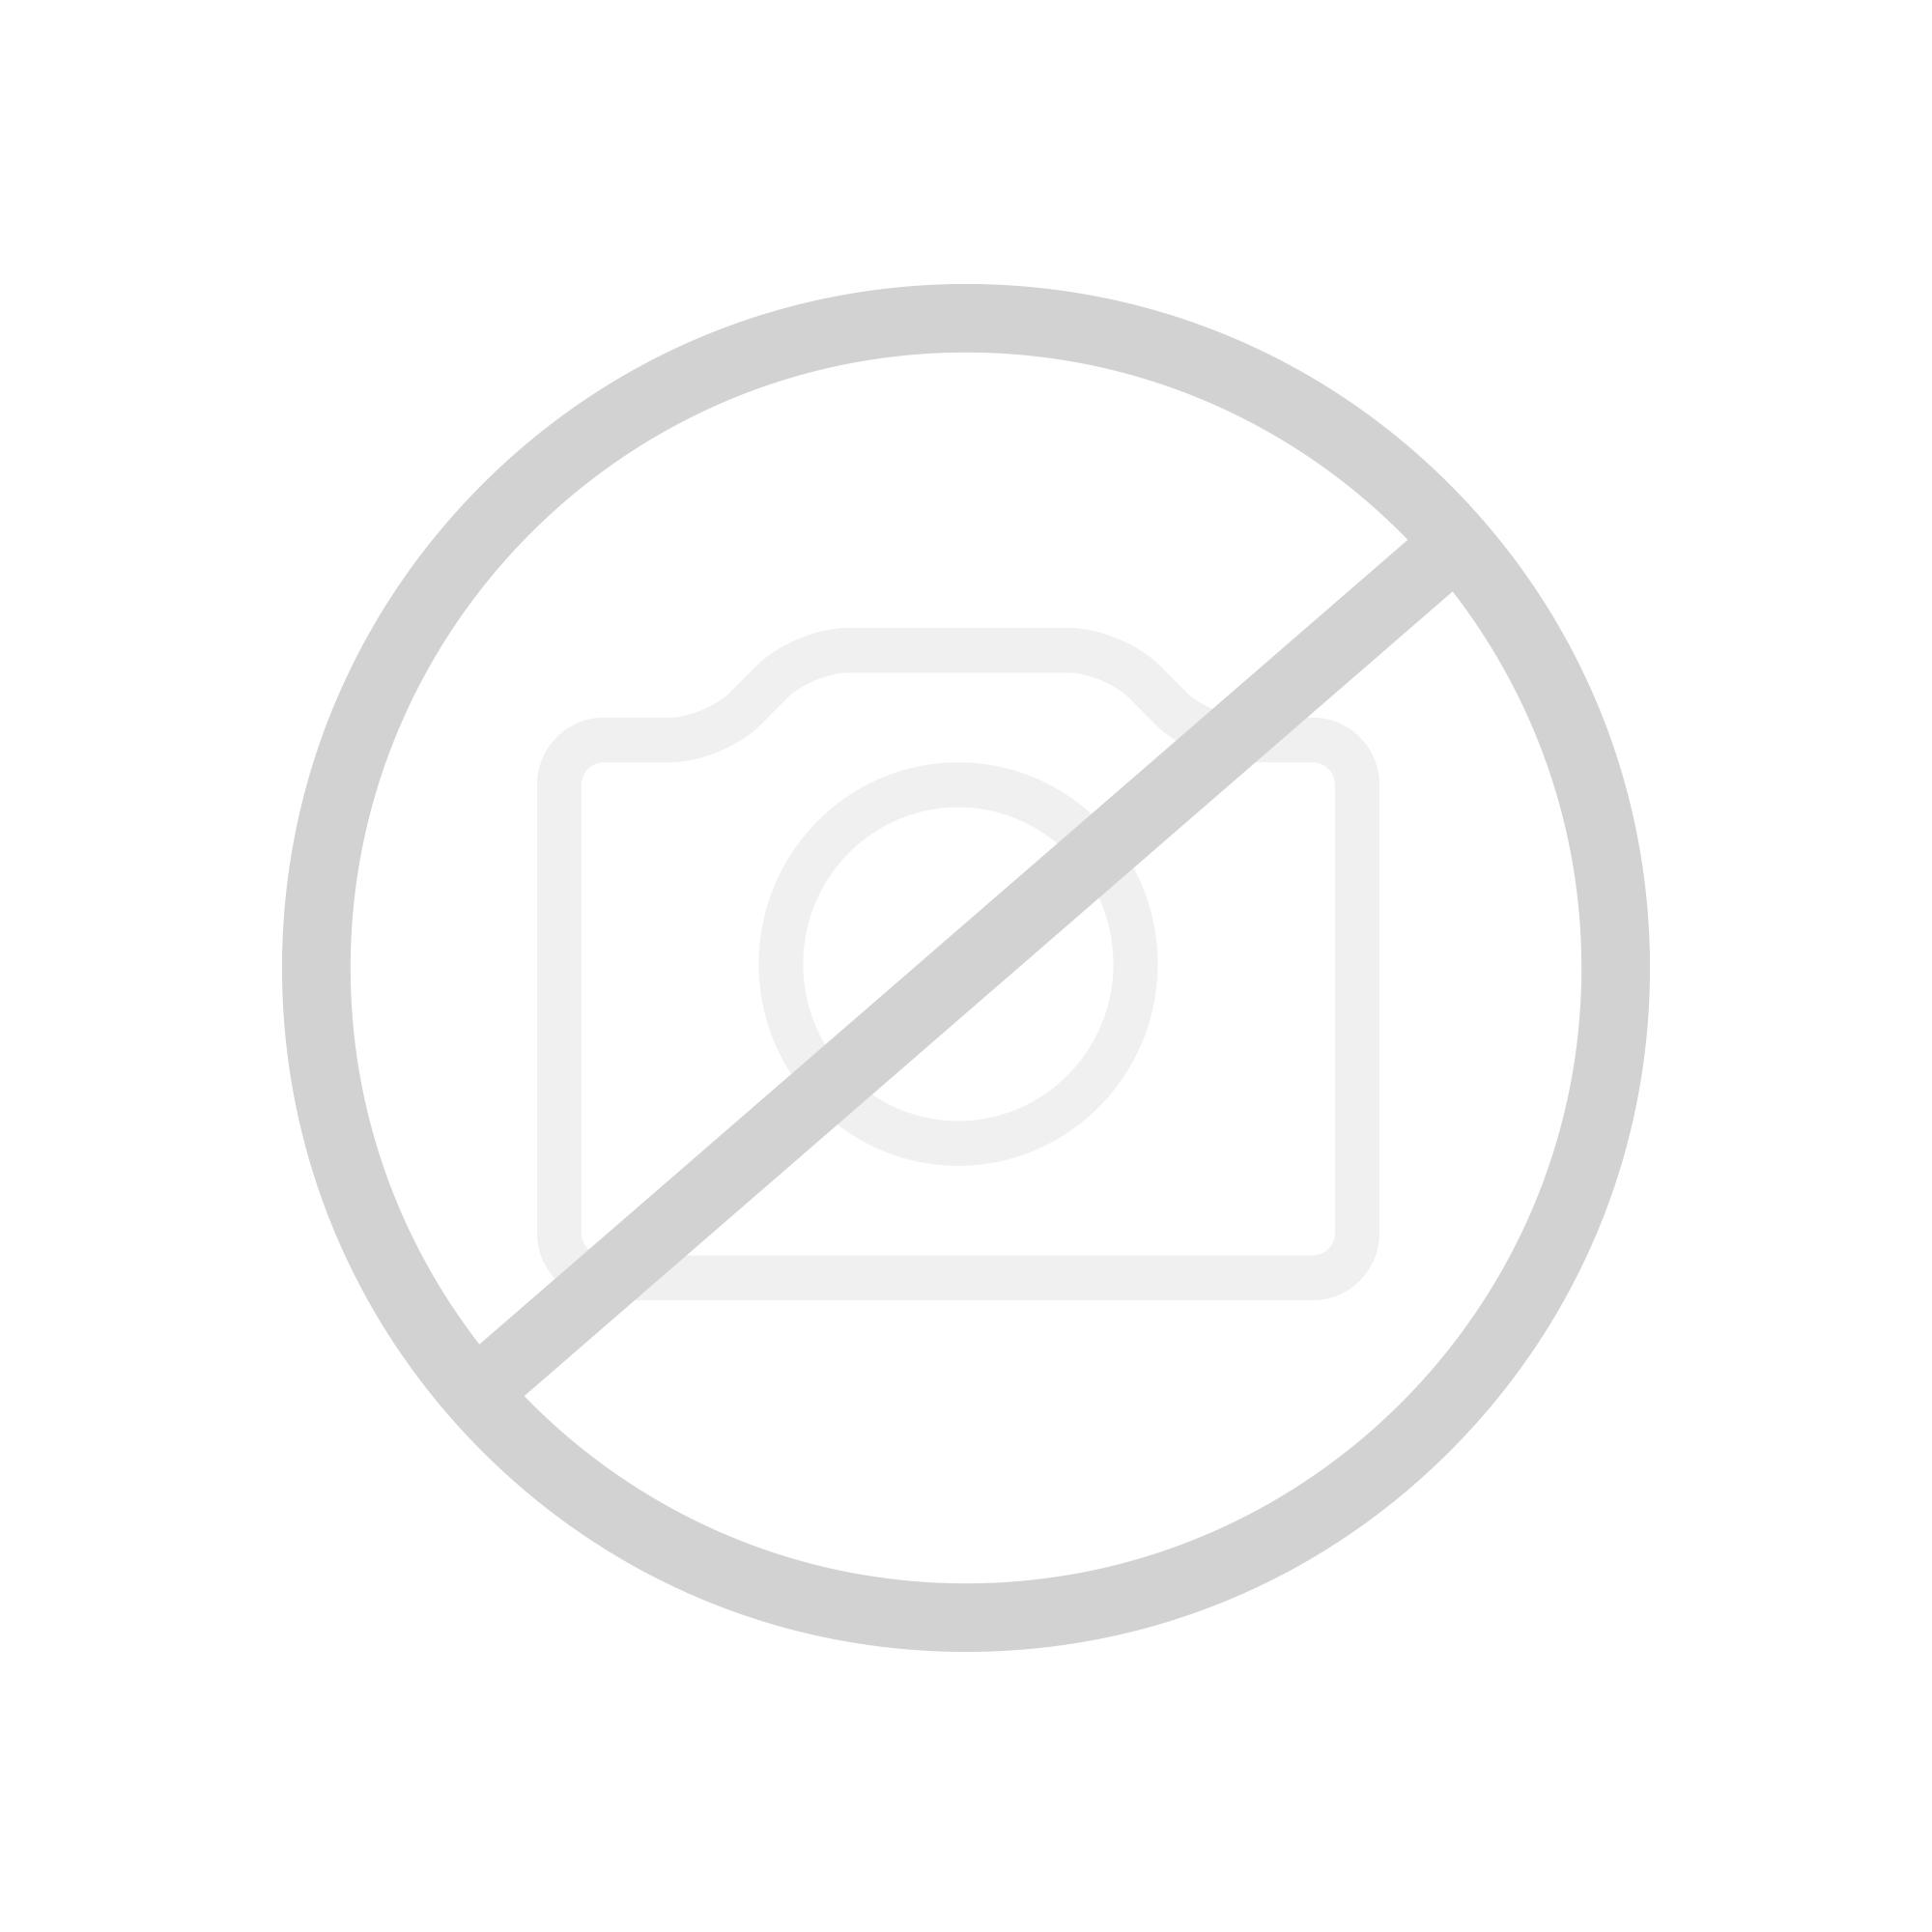 aeg elektrische fu bodenheizung online bestellen im reuter shop boden heizmatten von aeg. Black Bedroom Furniture Sets. Home Design Ideas